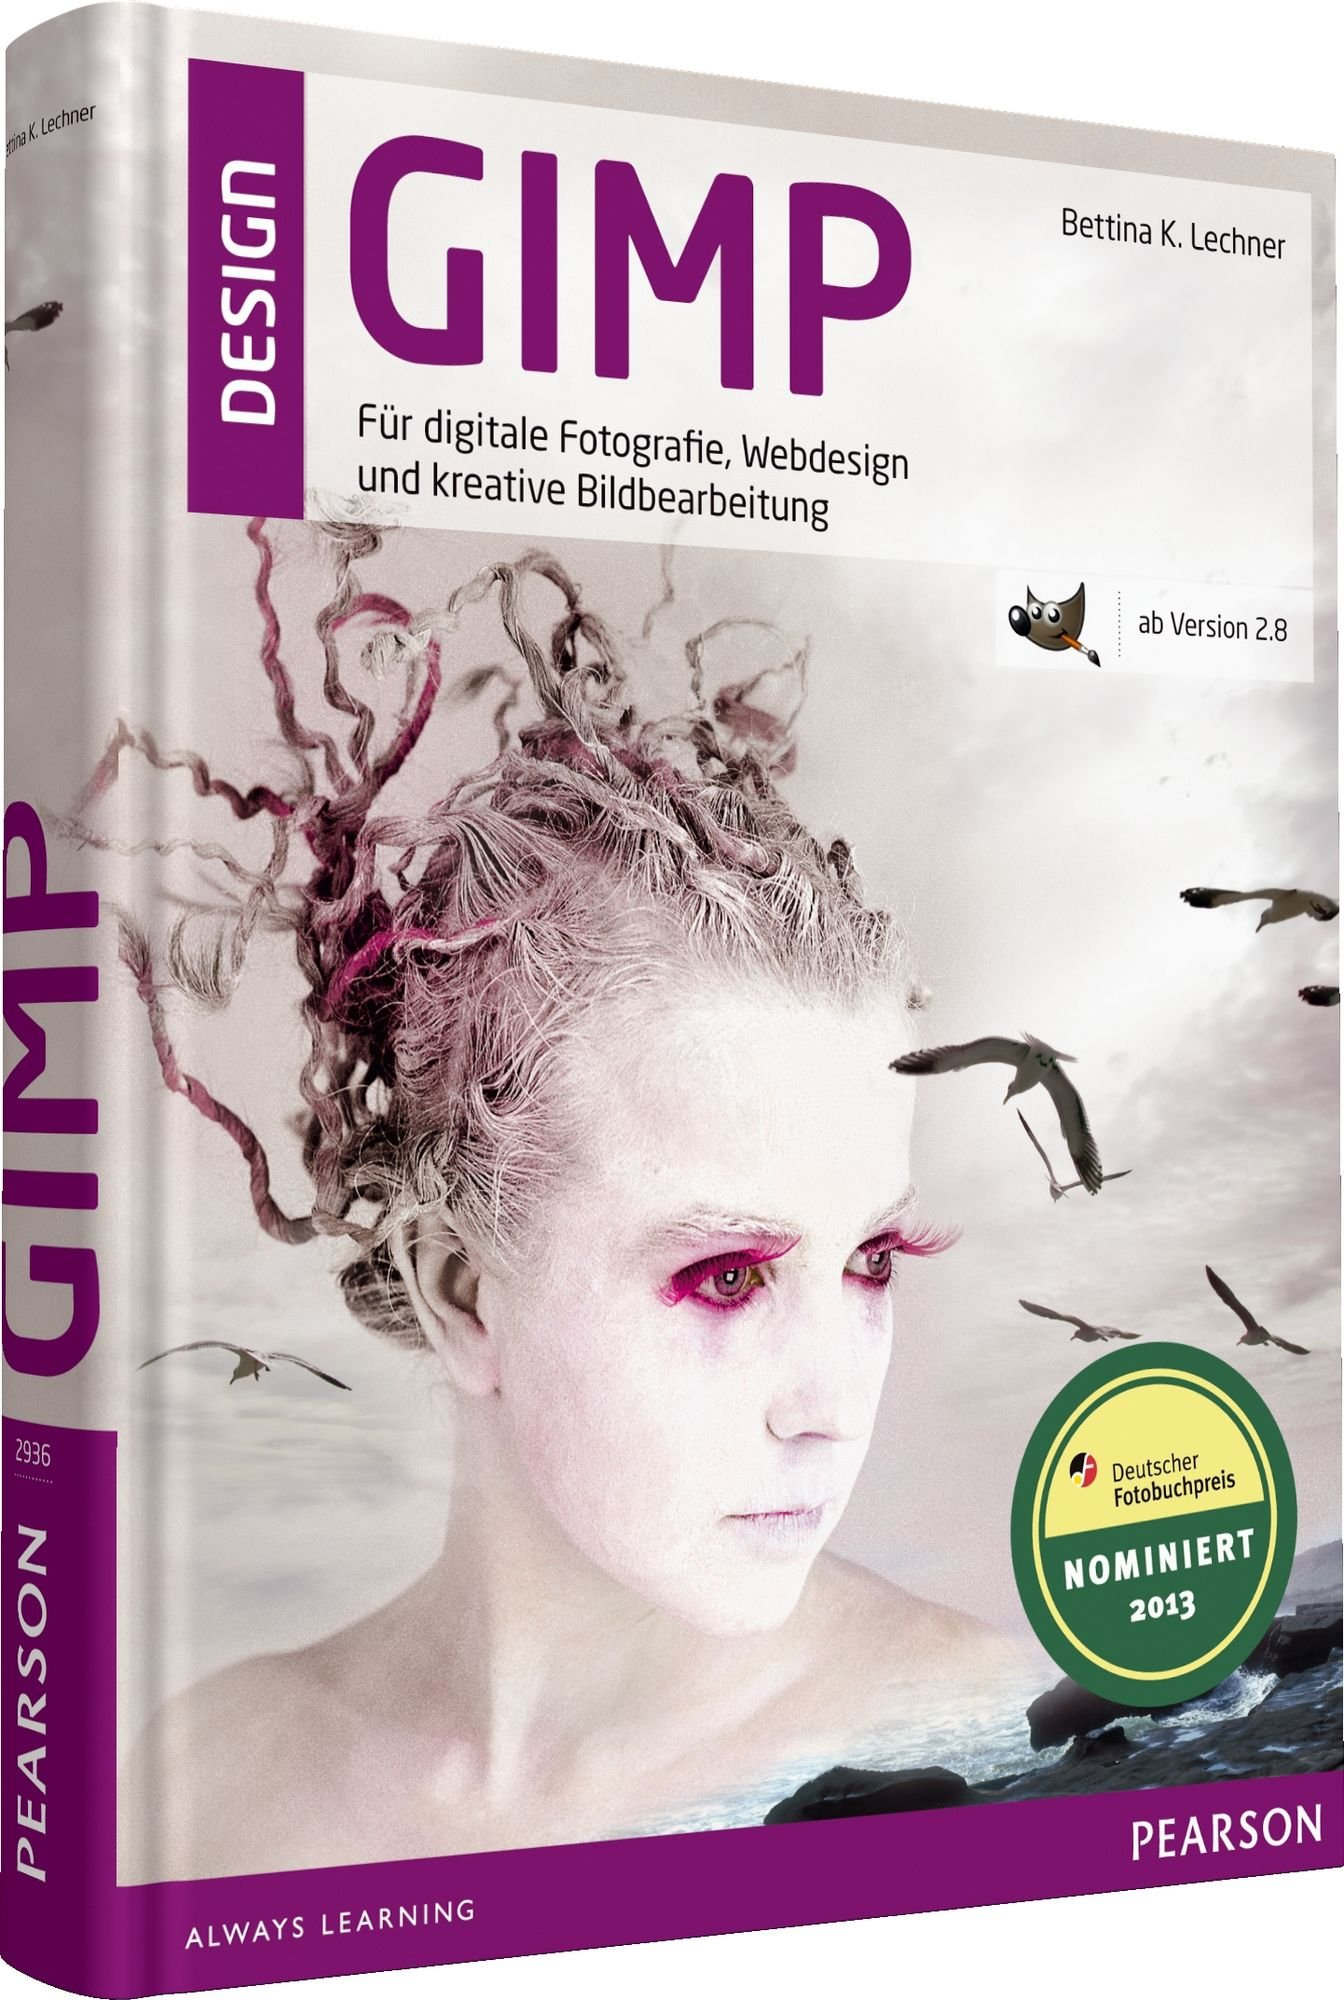 GIMP   Ab Version 2.8  Ab Version 2.8   Für Digitale Fotografie Webdesign Und Kreative Bildbearbeitung  Pearson Design